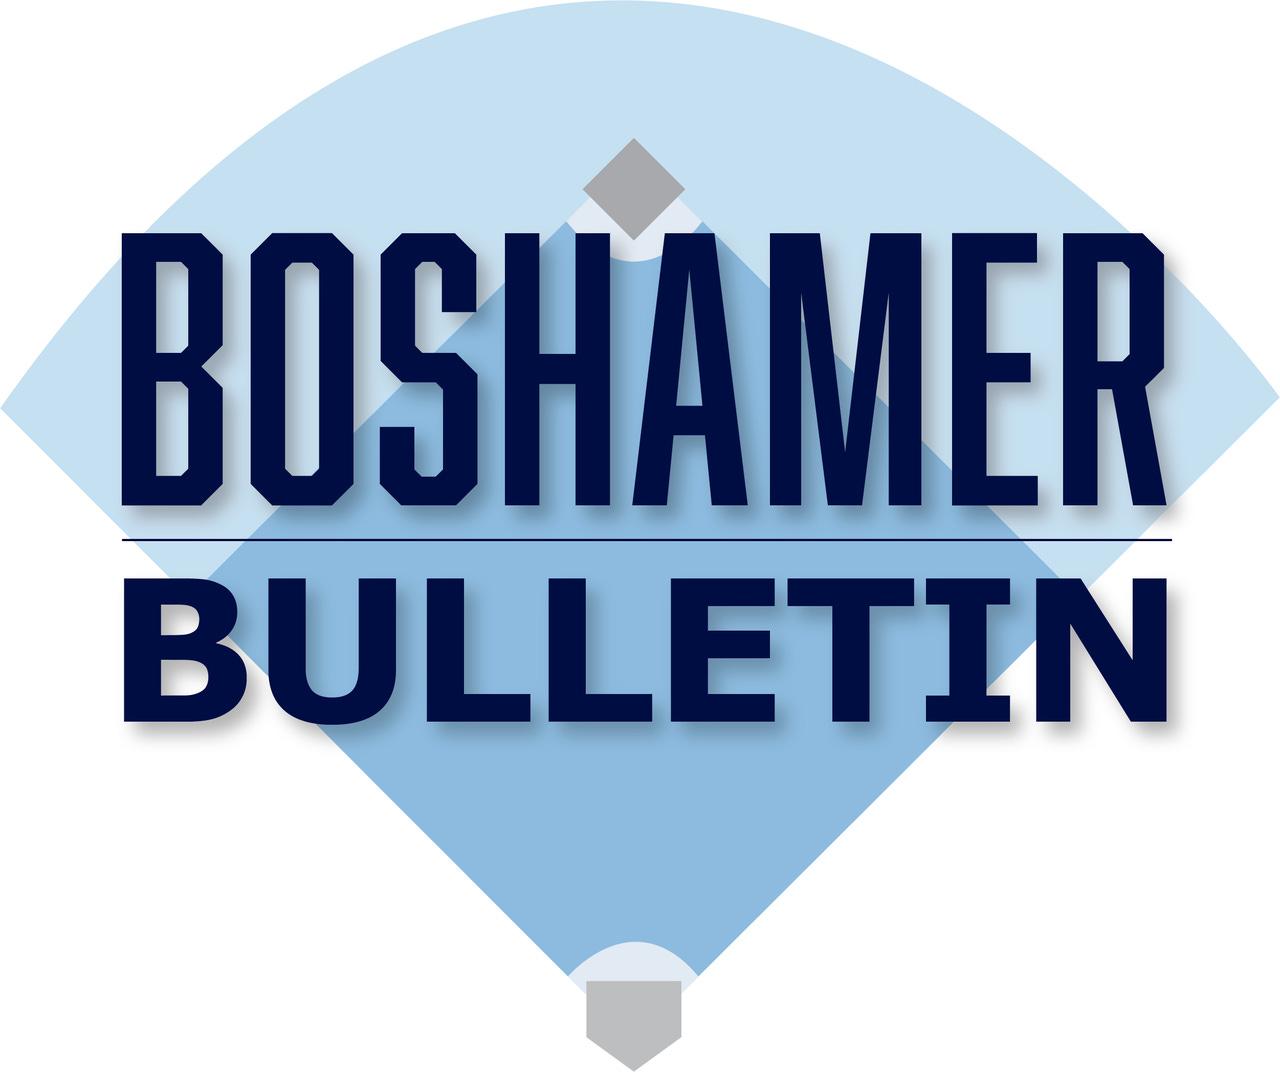 Boshamer Bulletin